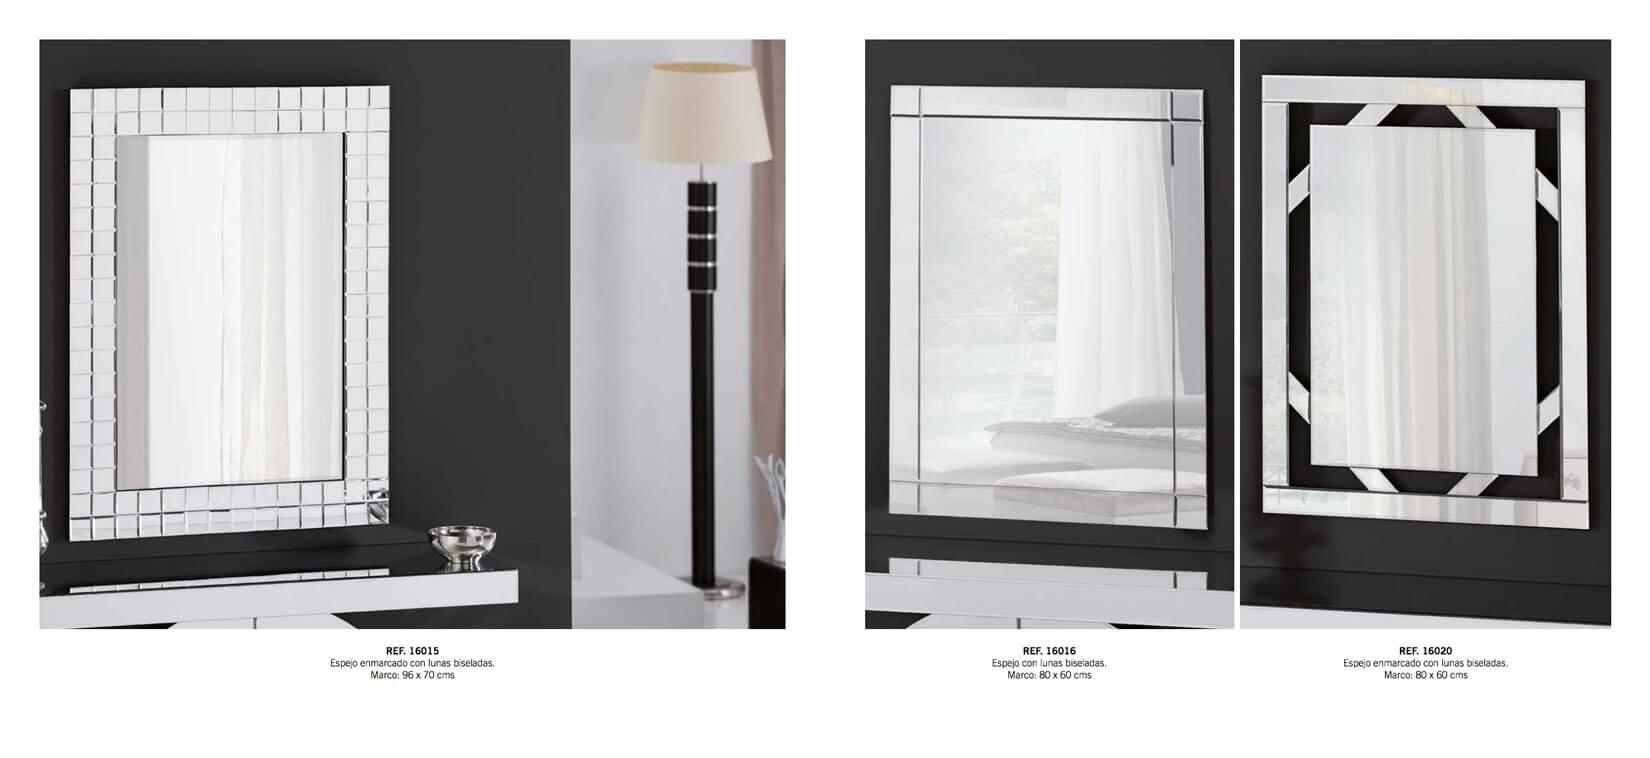 Interiorismo Espejos GYC - Ref. 0019